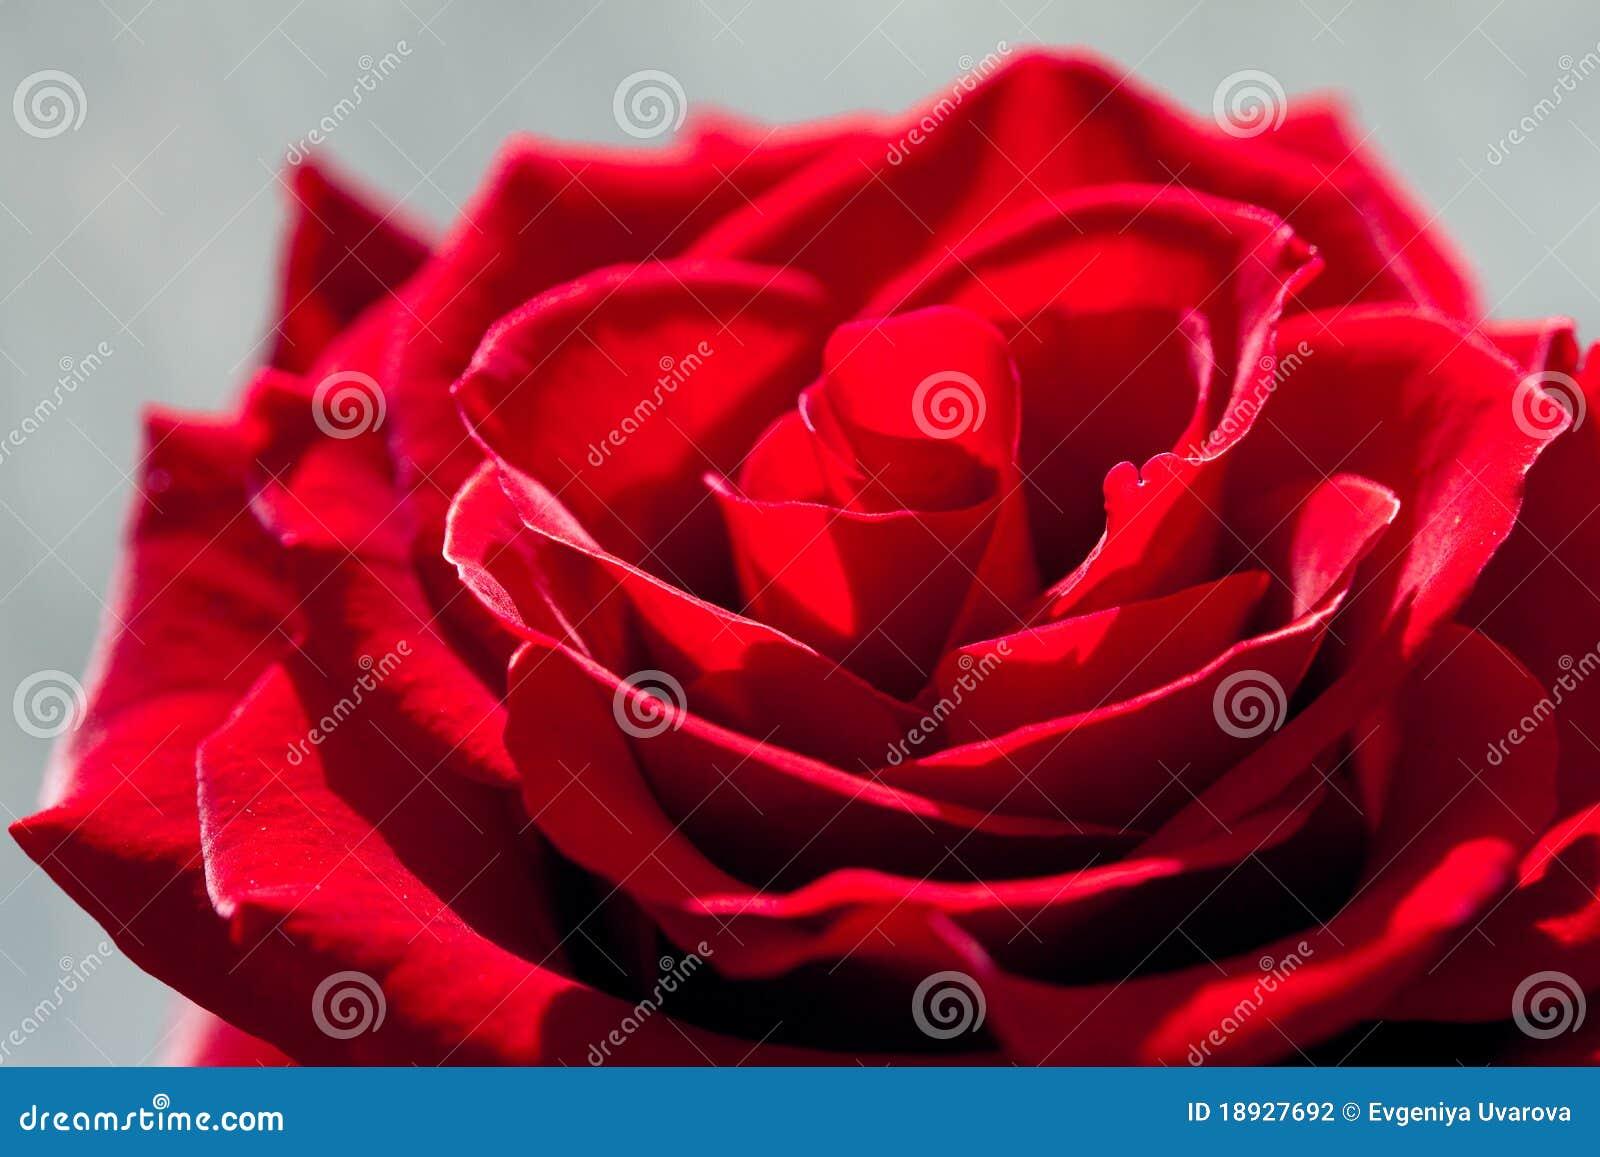 rosas rojas hermosas grandes - Fotos De Rosas Rojas Grandes